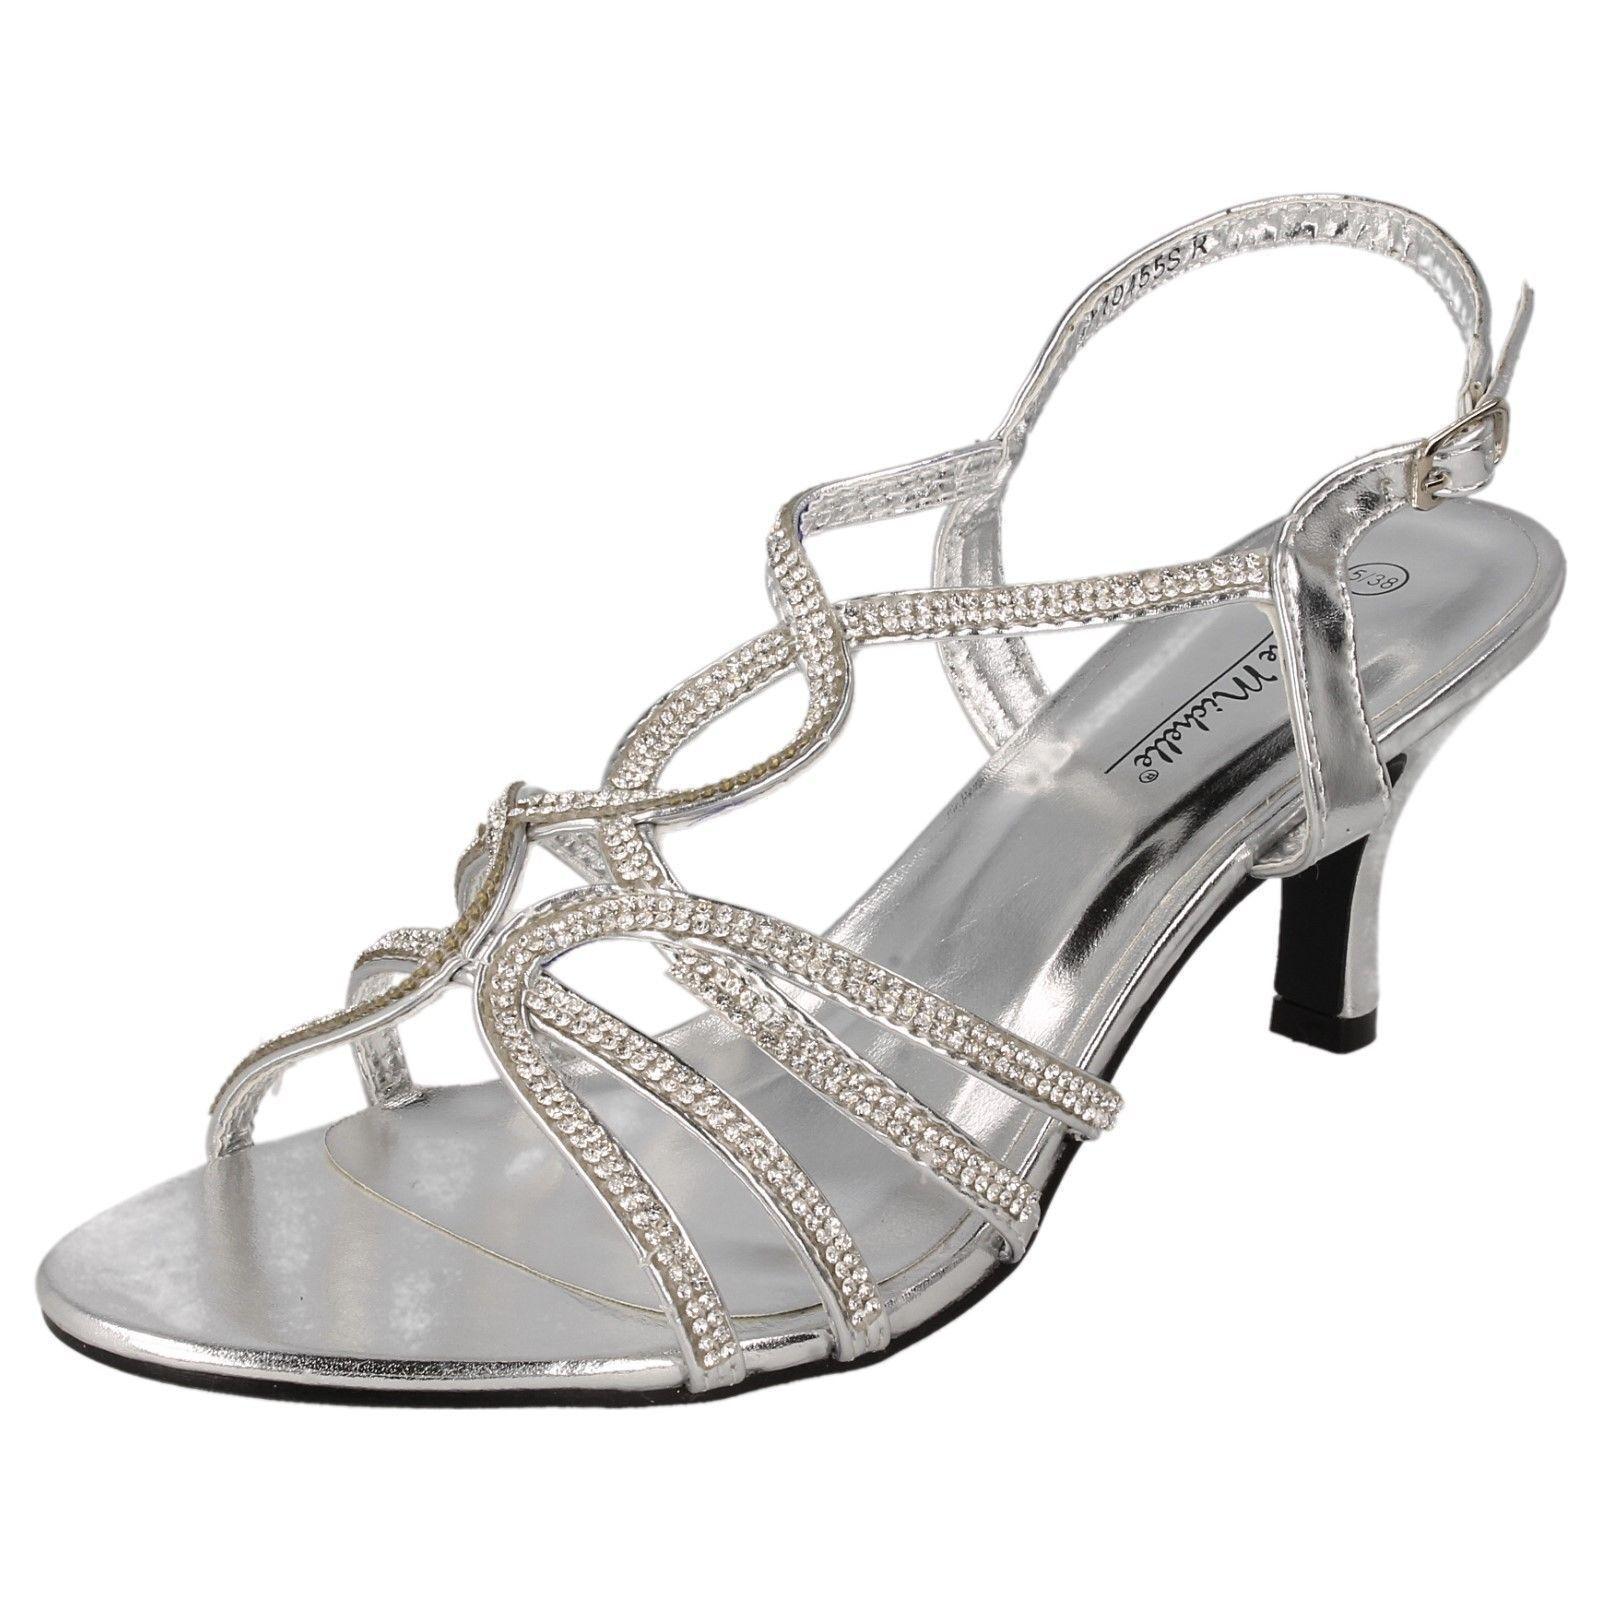 Anne Michelle F10455 Señoras (32B) Plata Correa Diamante Zapato (32B) Señoras 7ec2b7